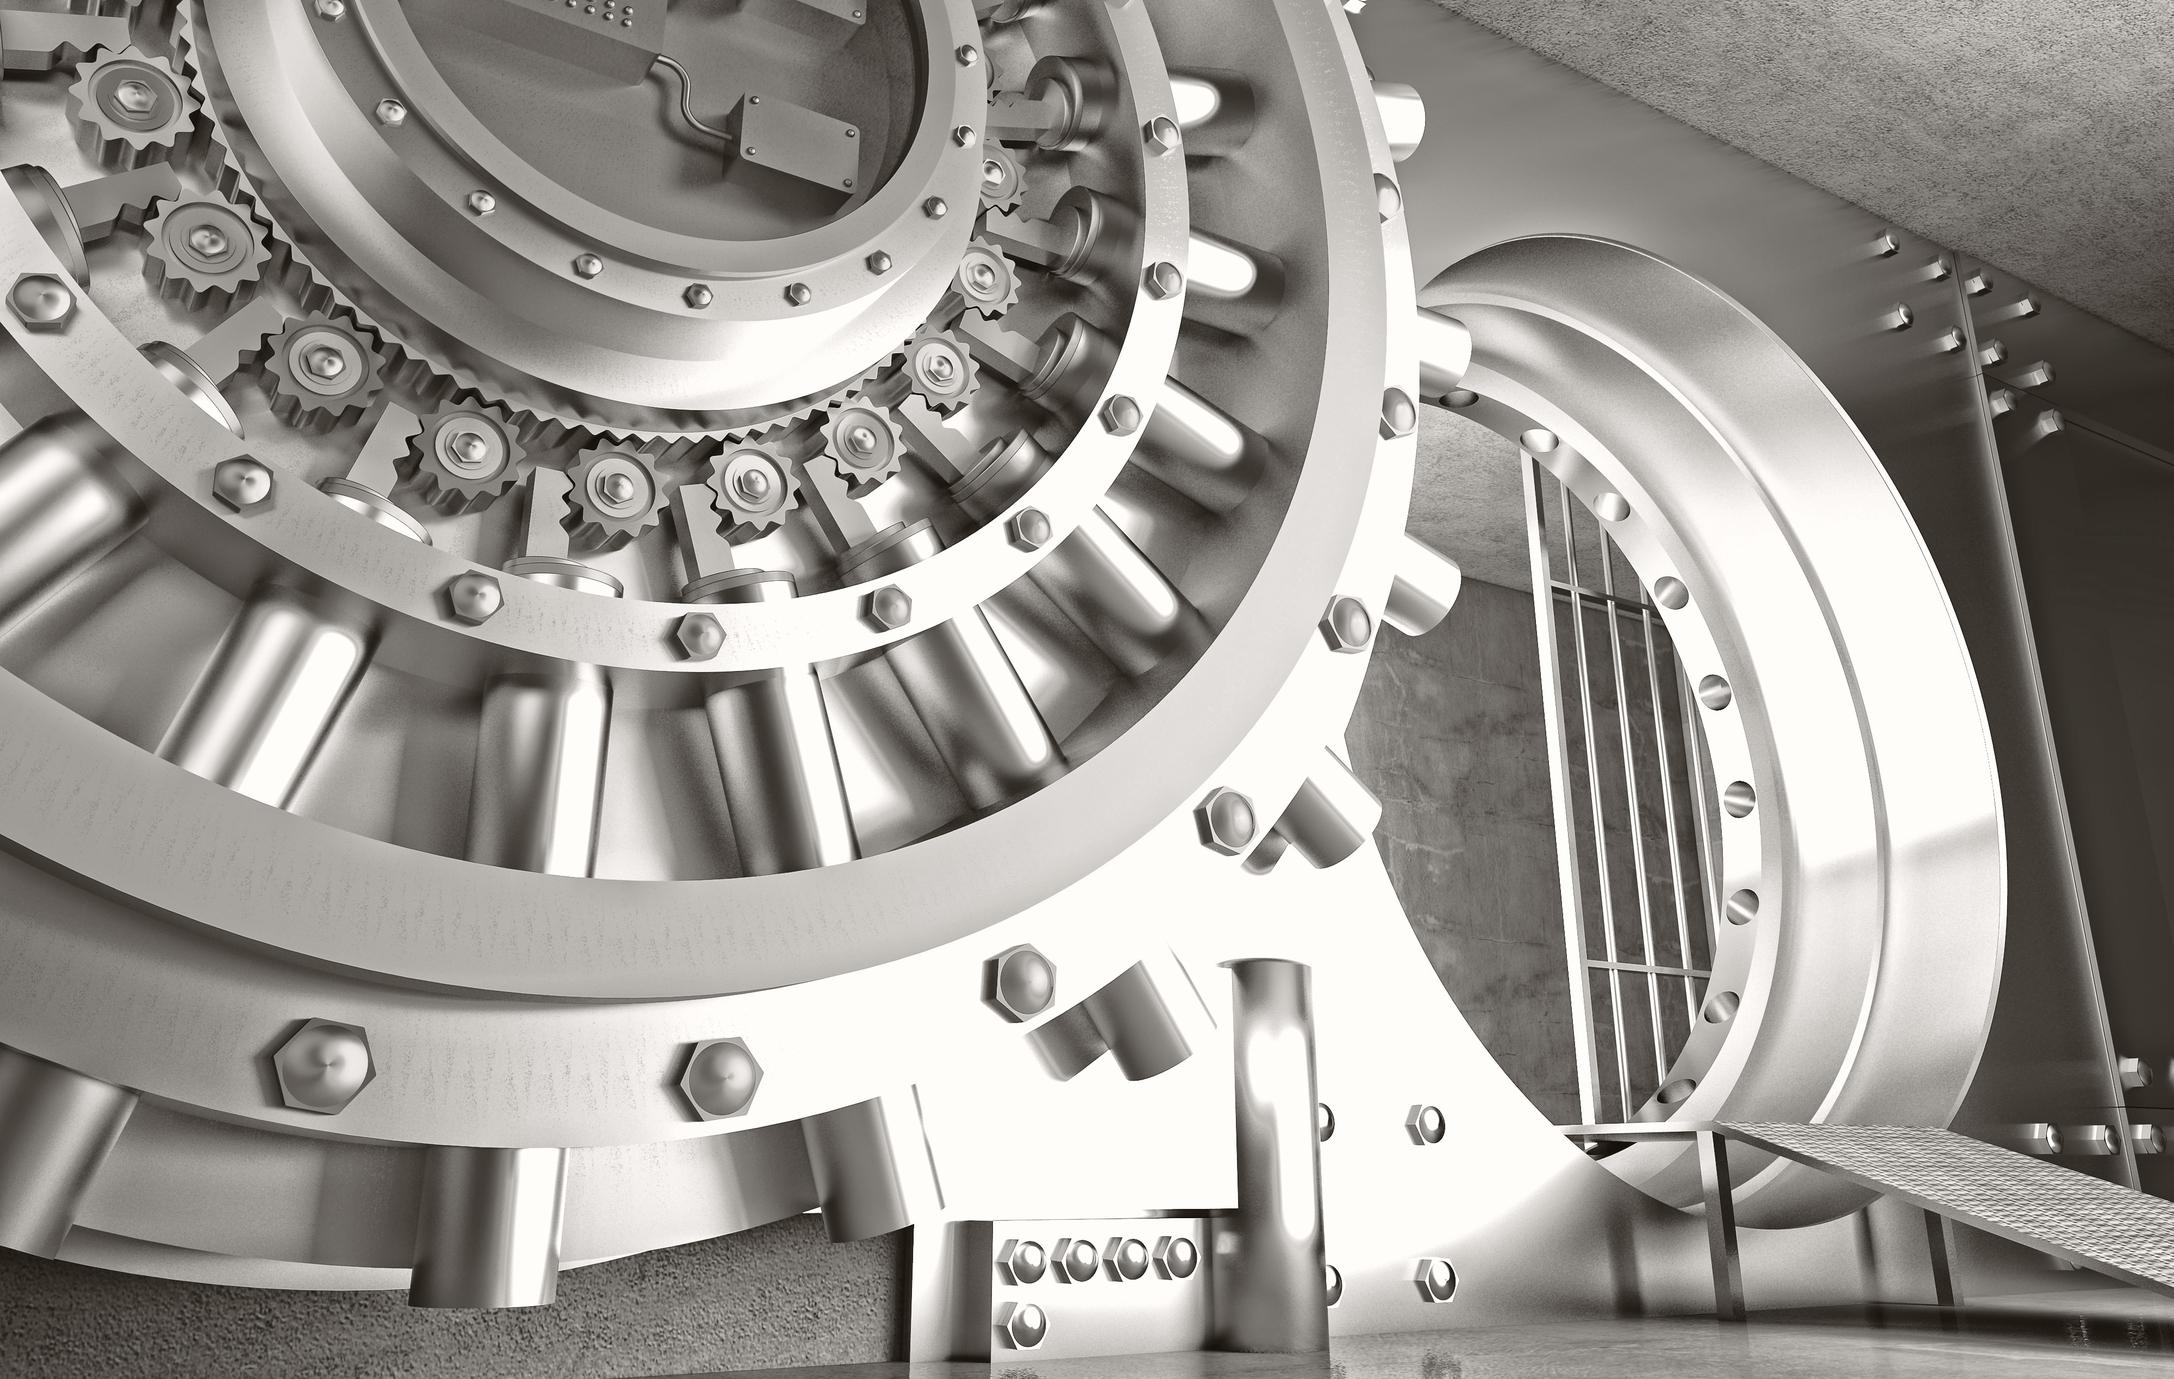 Big bank vault with open door and partial view inside.